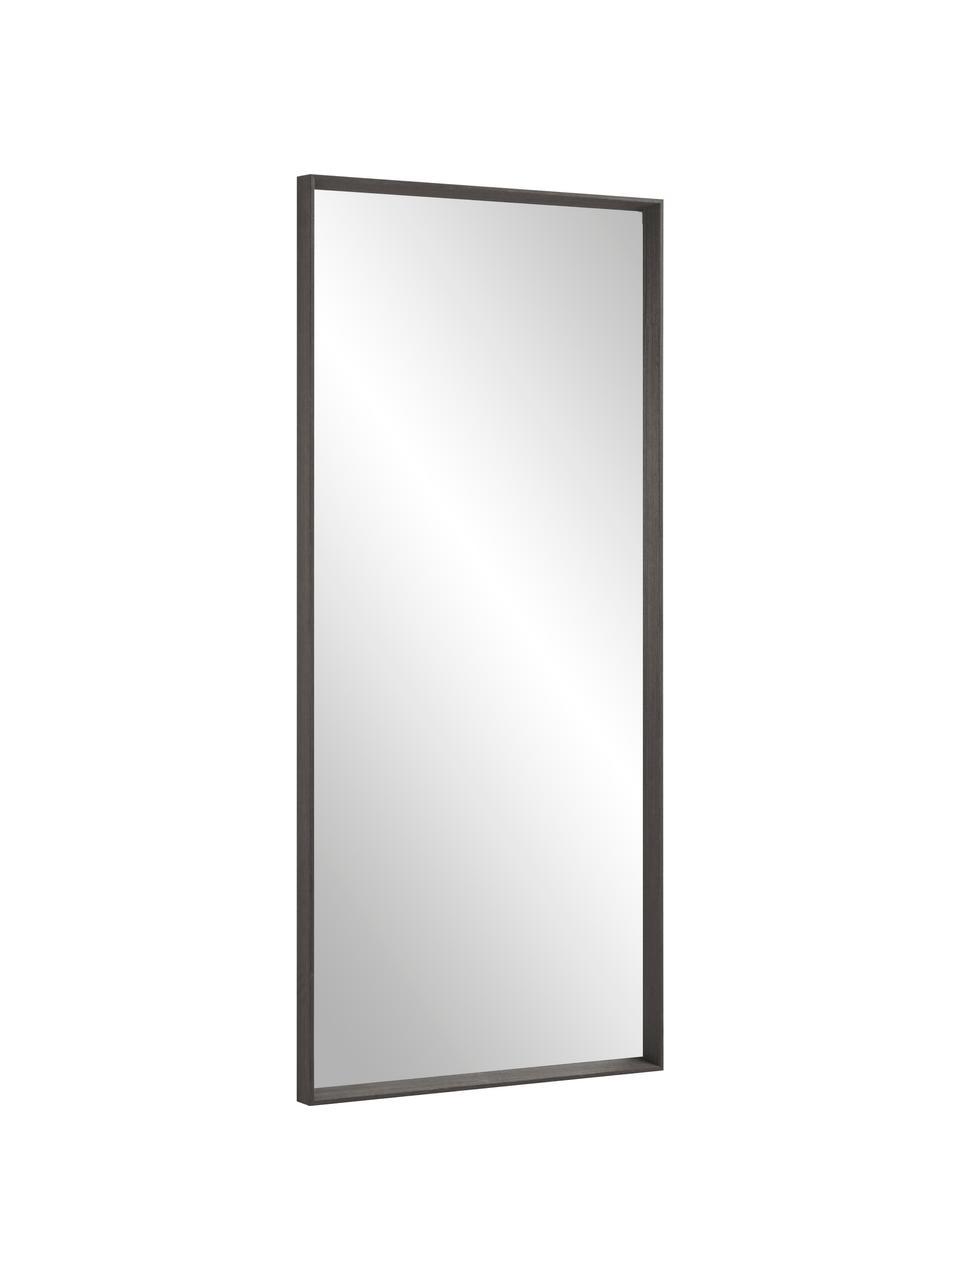 Anlehnspiegel Nerina mit Holzrahmen, Rahmen: Holz, Spiegelfläche: Spiegelglas, Dunkelbraun, 80 x 180 cm